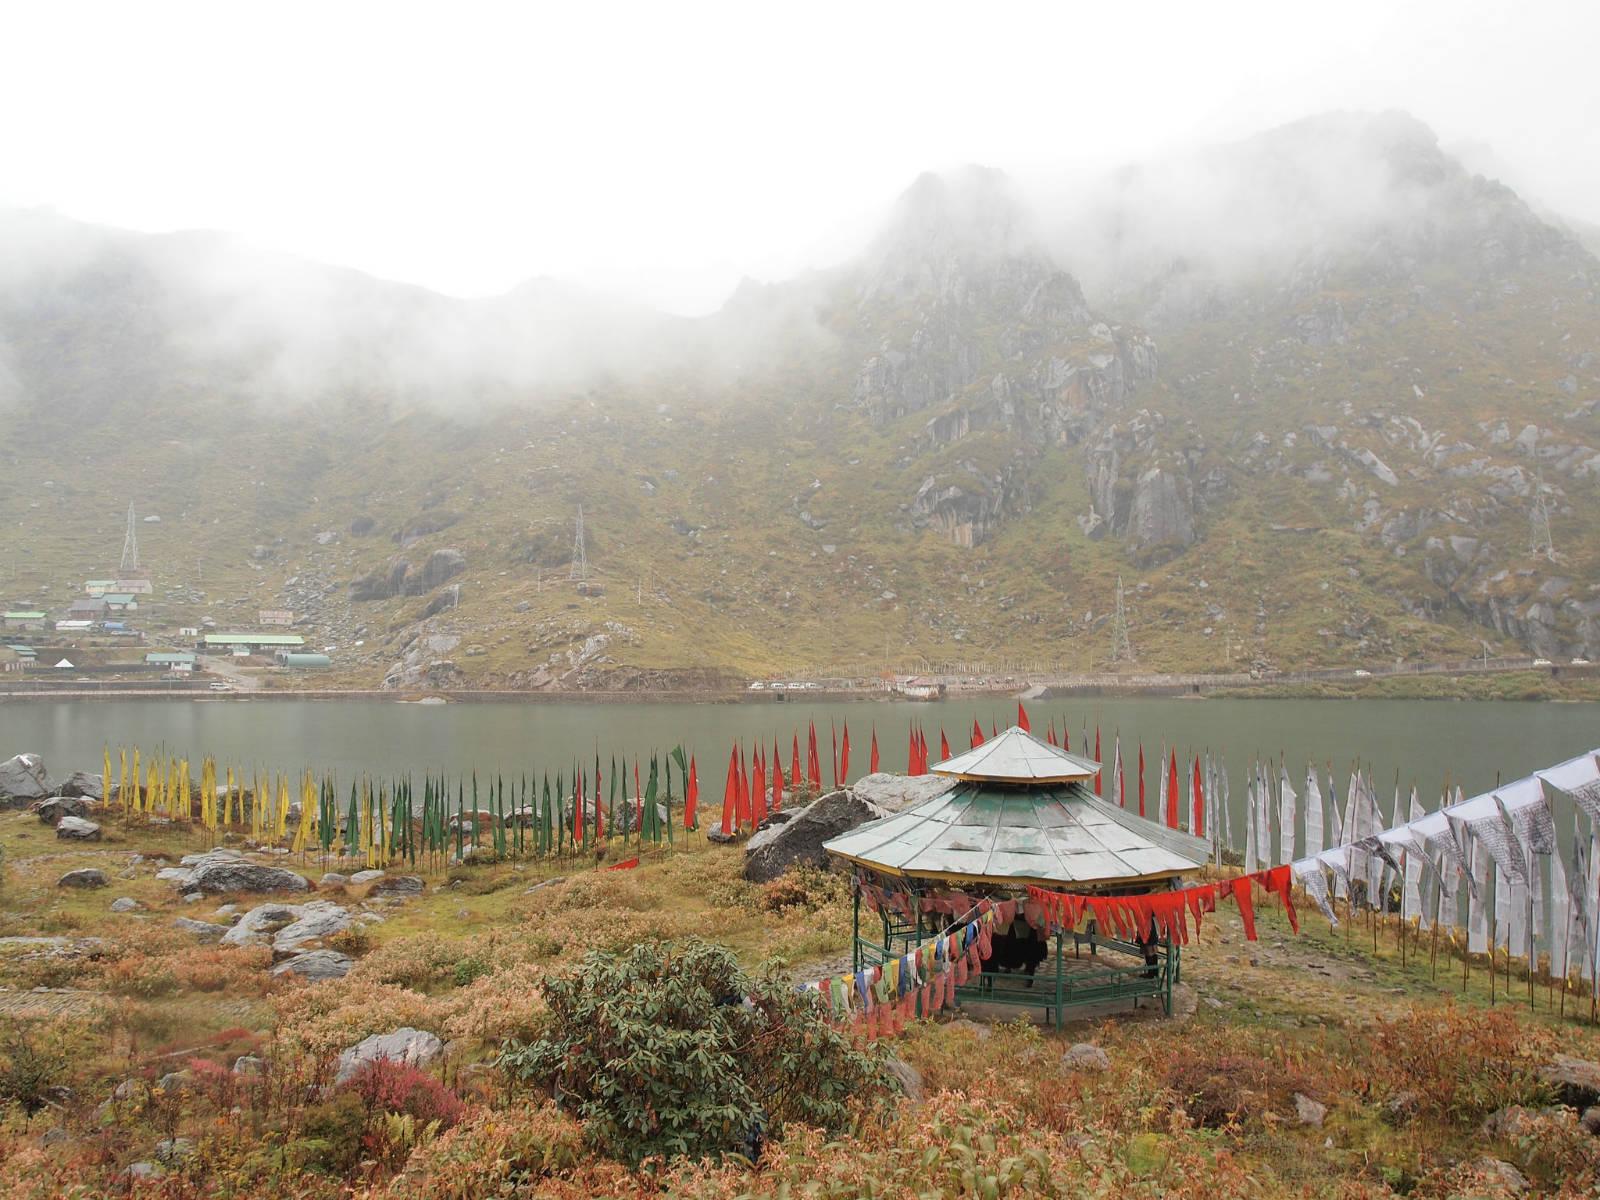 印度藏區錫金,大量藏民聚居,四處可見達賴喇嘛相片,比西藏更傳統。